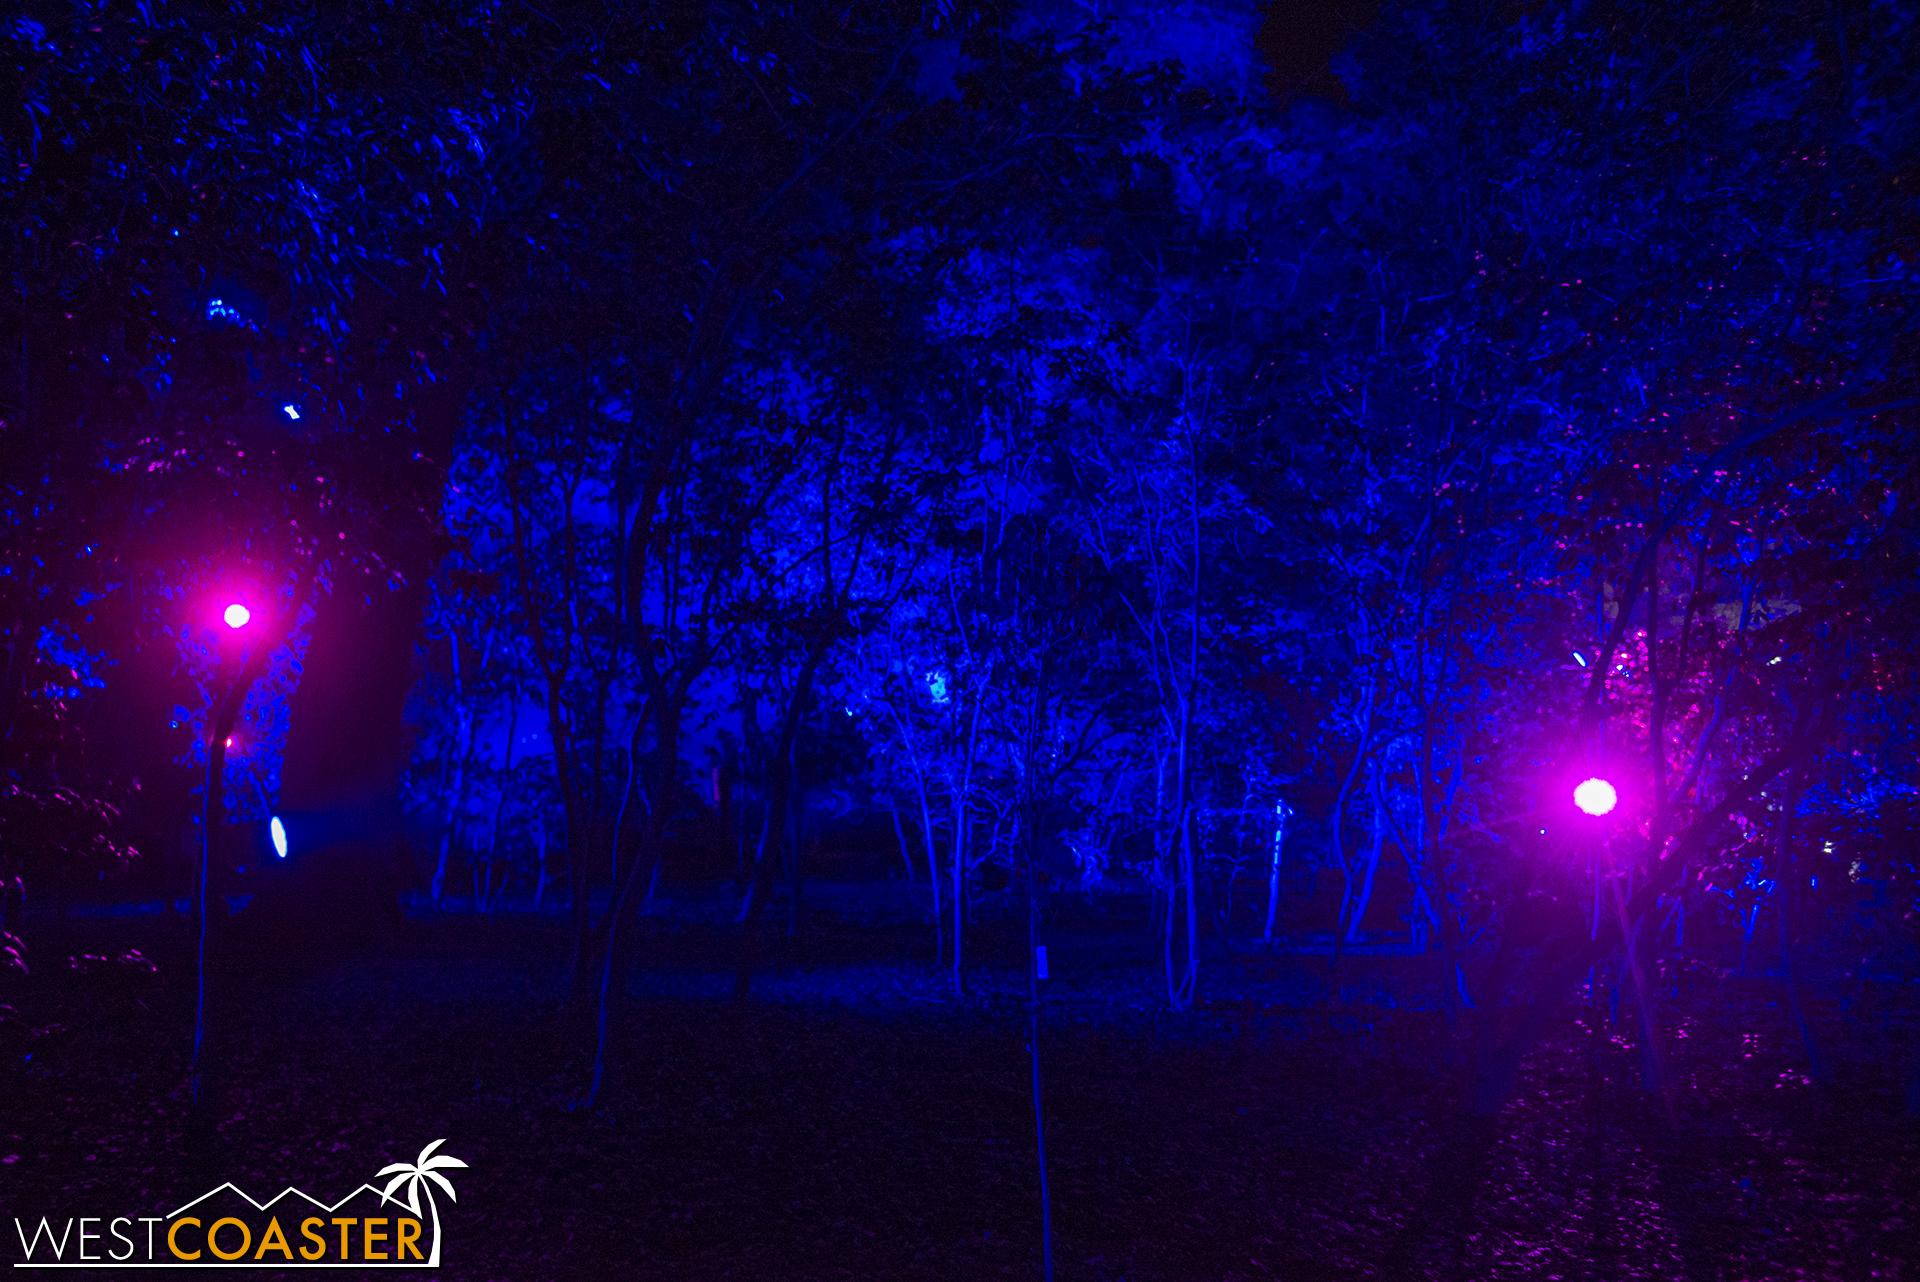 Descanso-17_1201-06-FantasyForest-0002.jpg